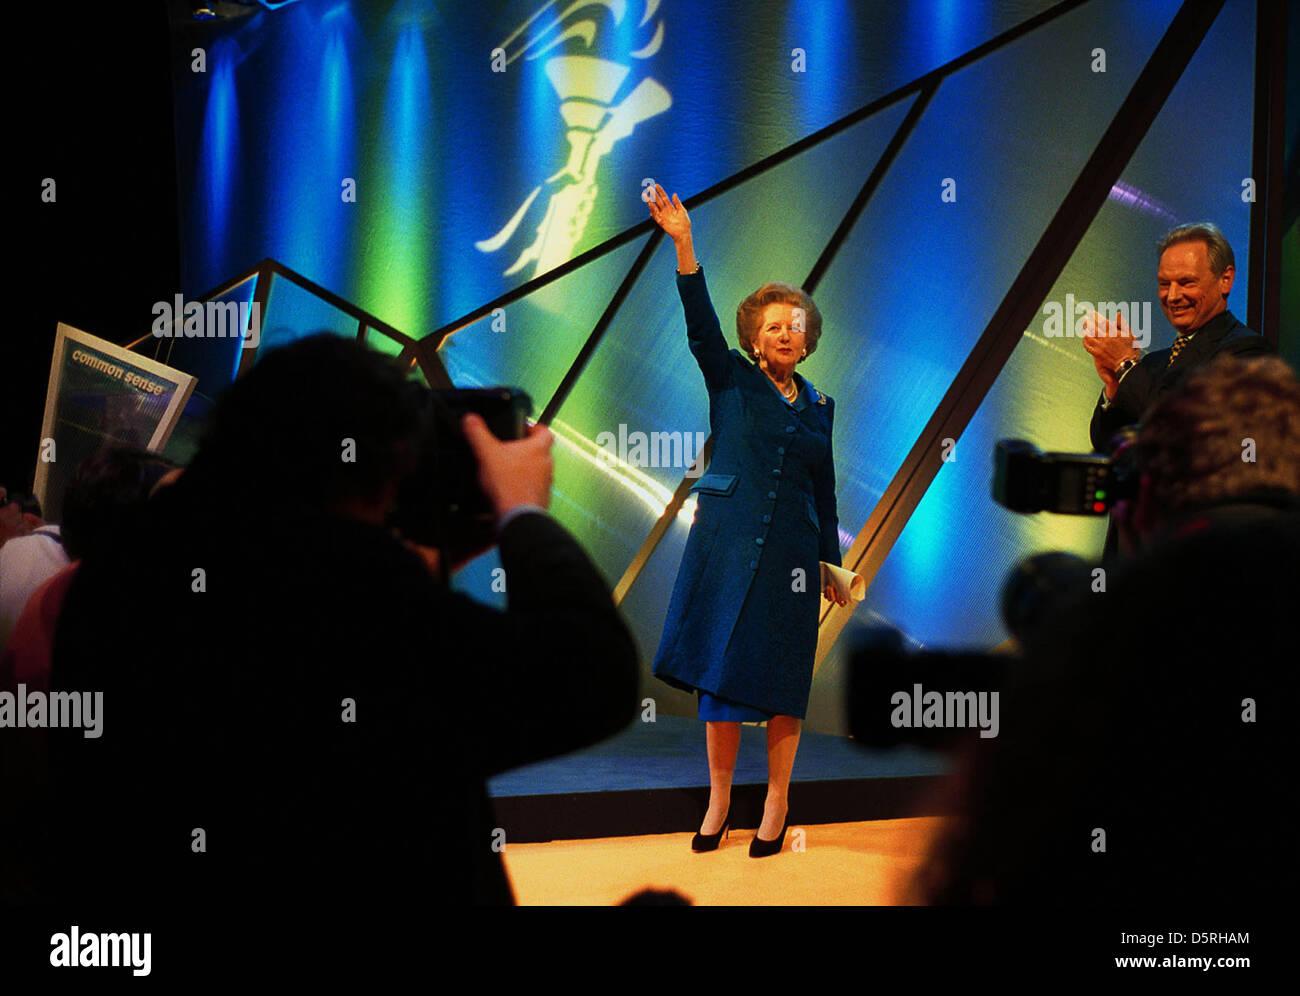 """La baronne Margaret Thatcher PHOTOGRAPHIE PAR BRIAN HARRIS-COPYRIGHT-22/5/01 """"LE RETOUR DE LA MOMIE'...PROPRES MOTS Banque D'Images"""